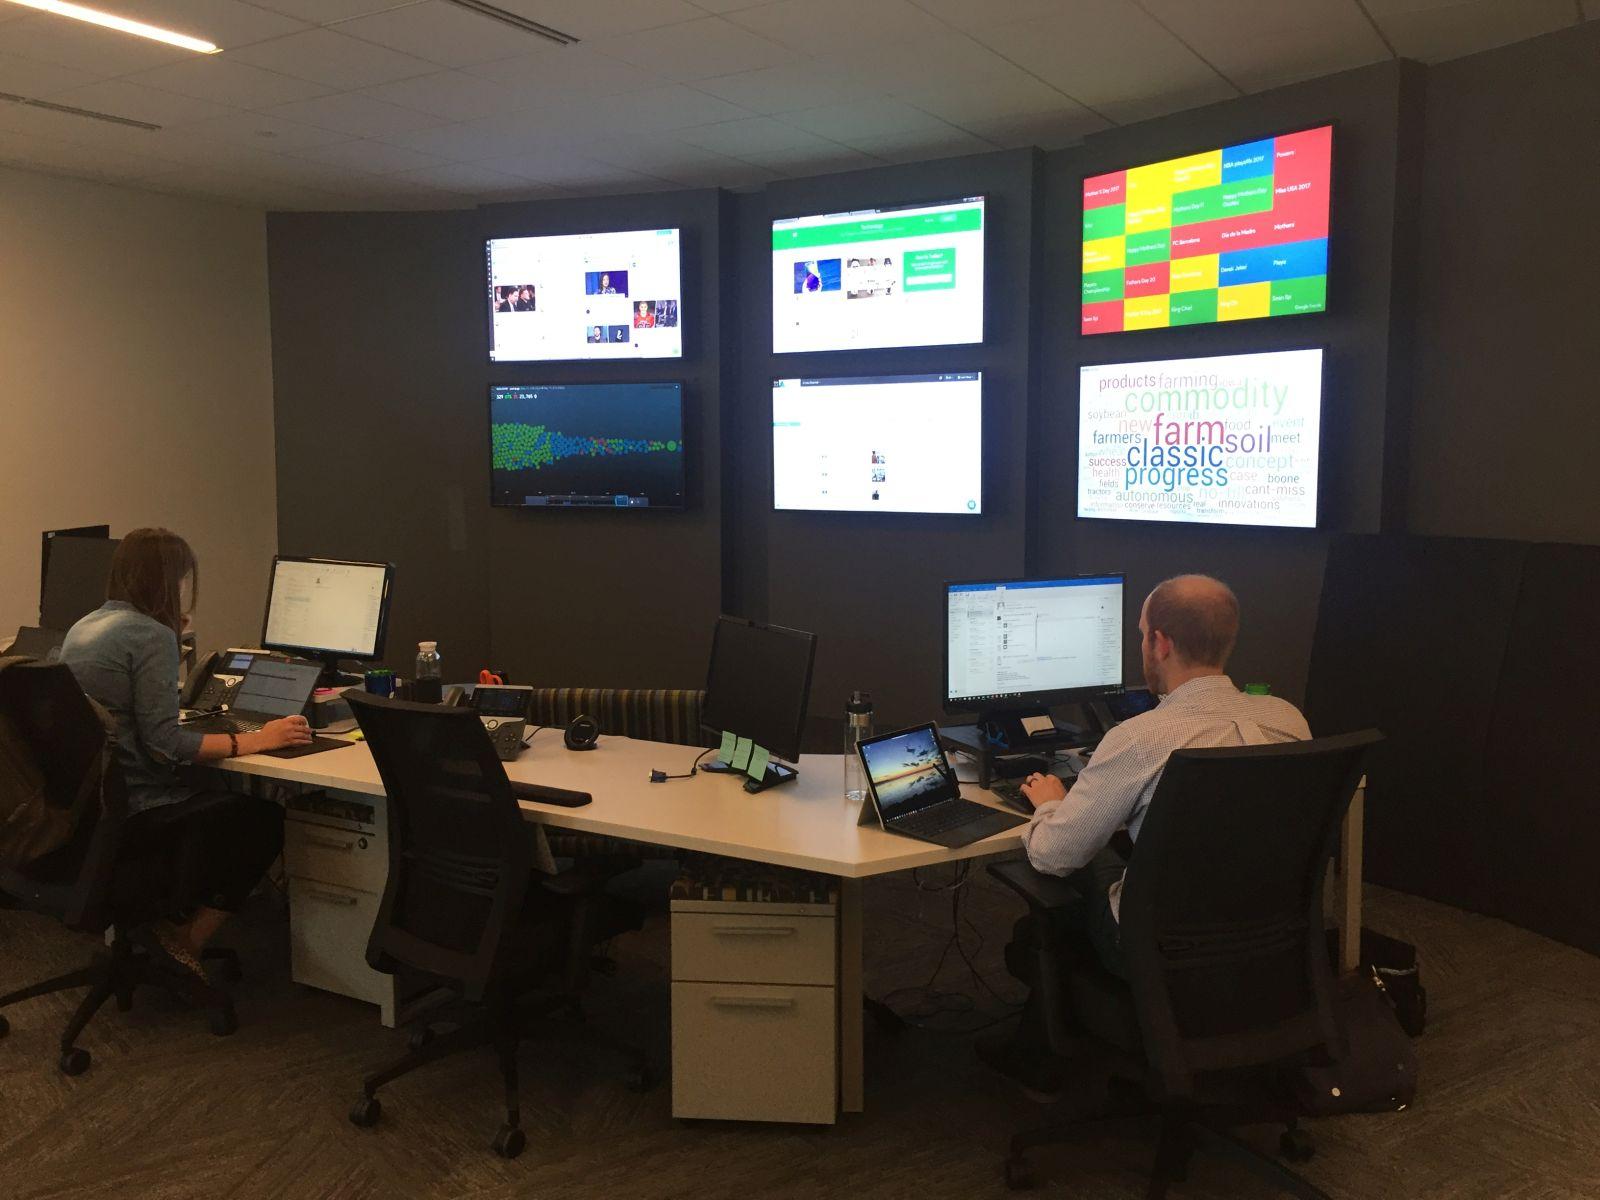 Social Media Monitoring Room